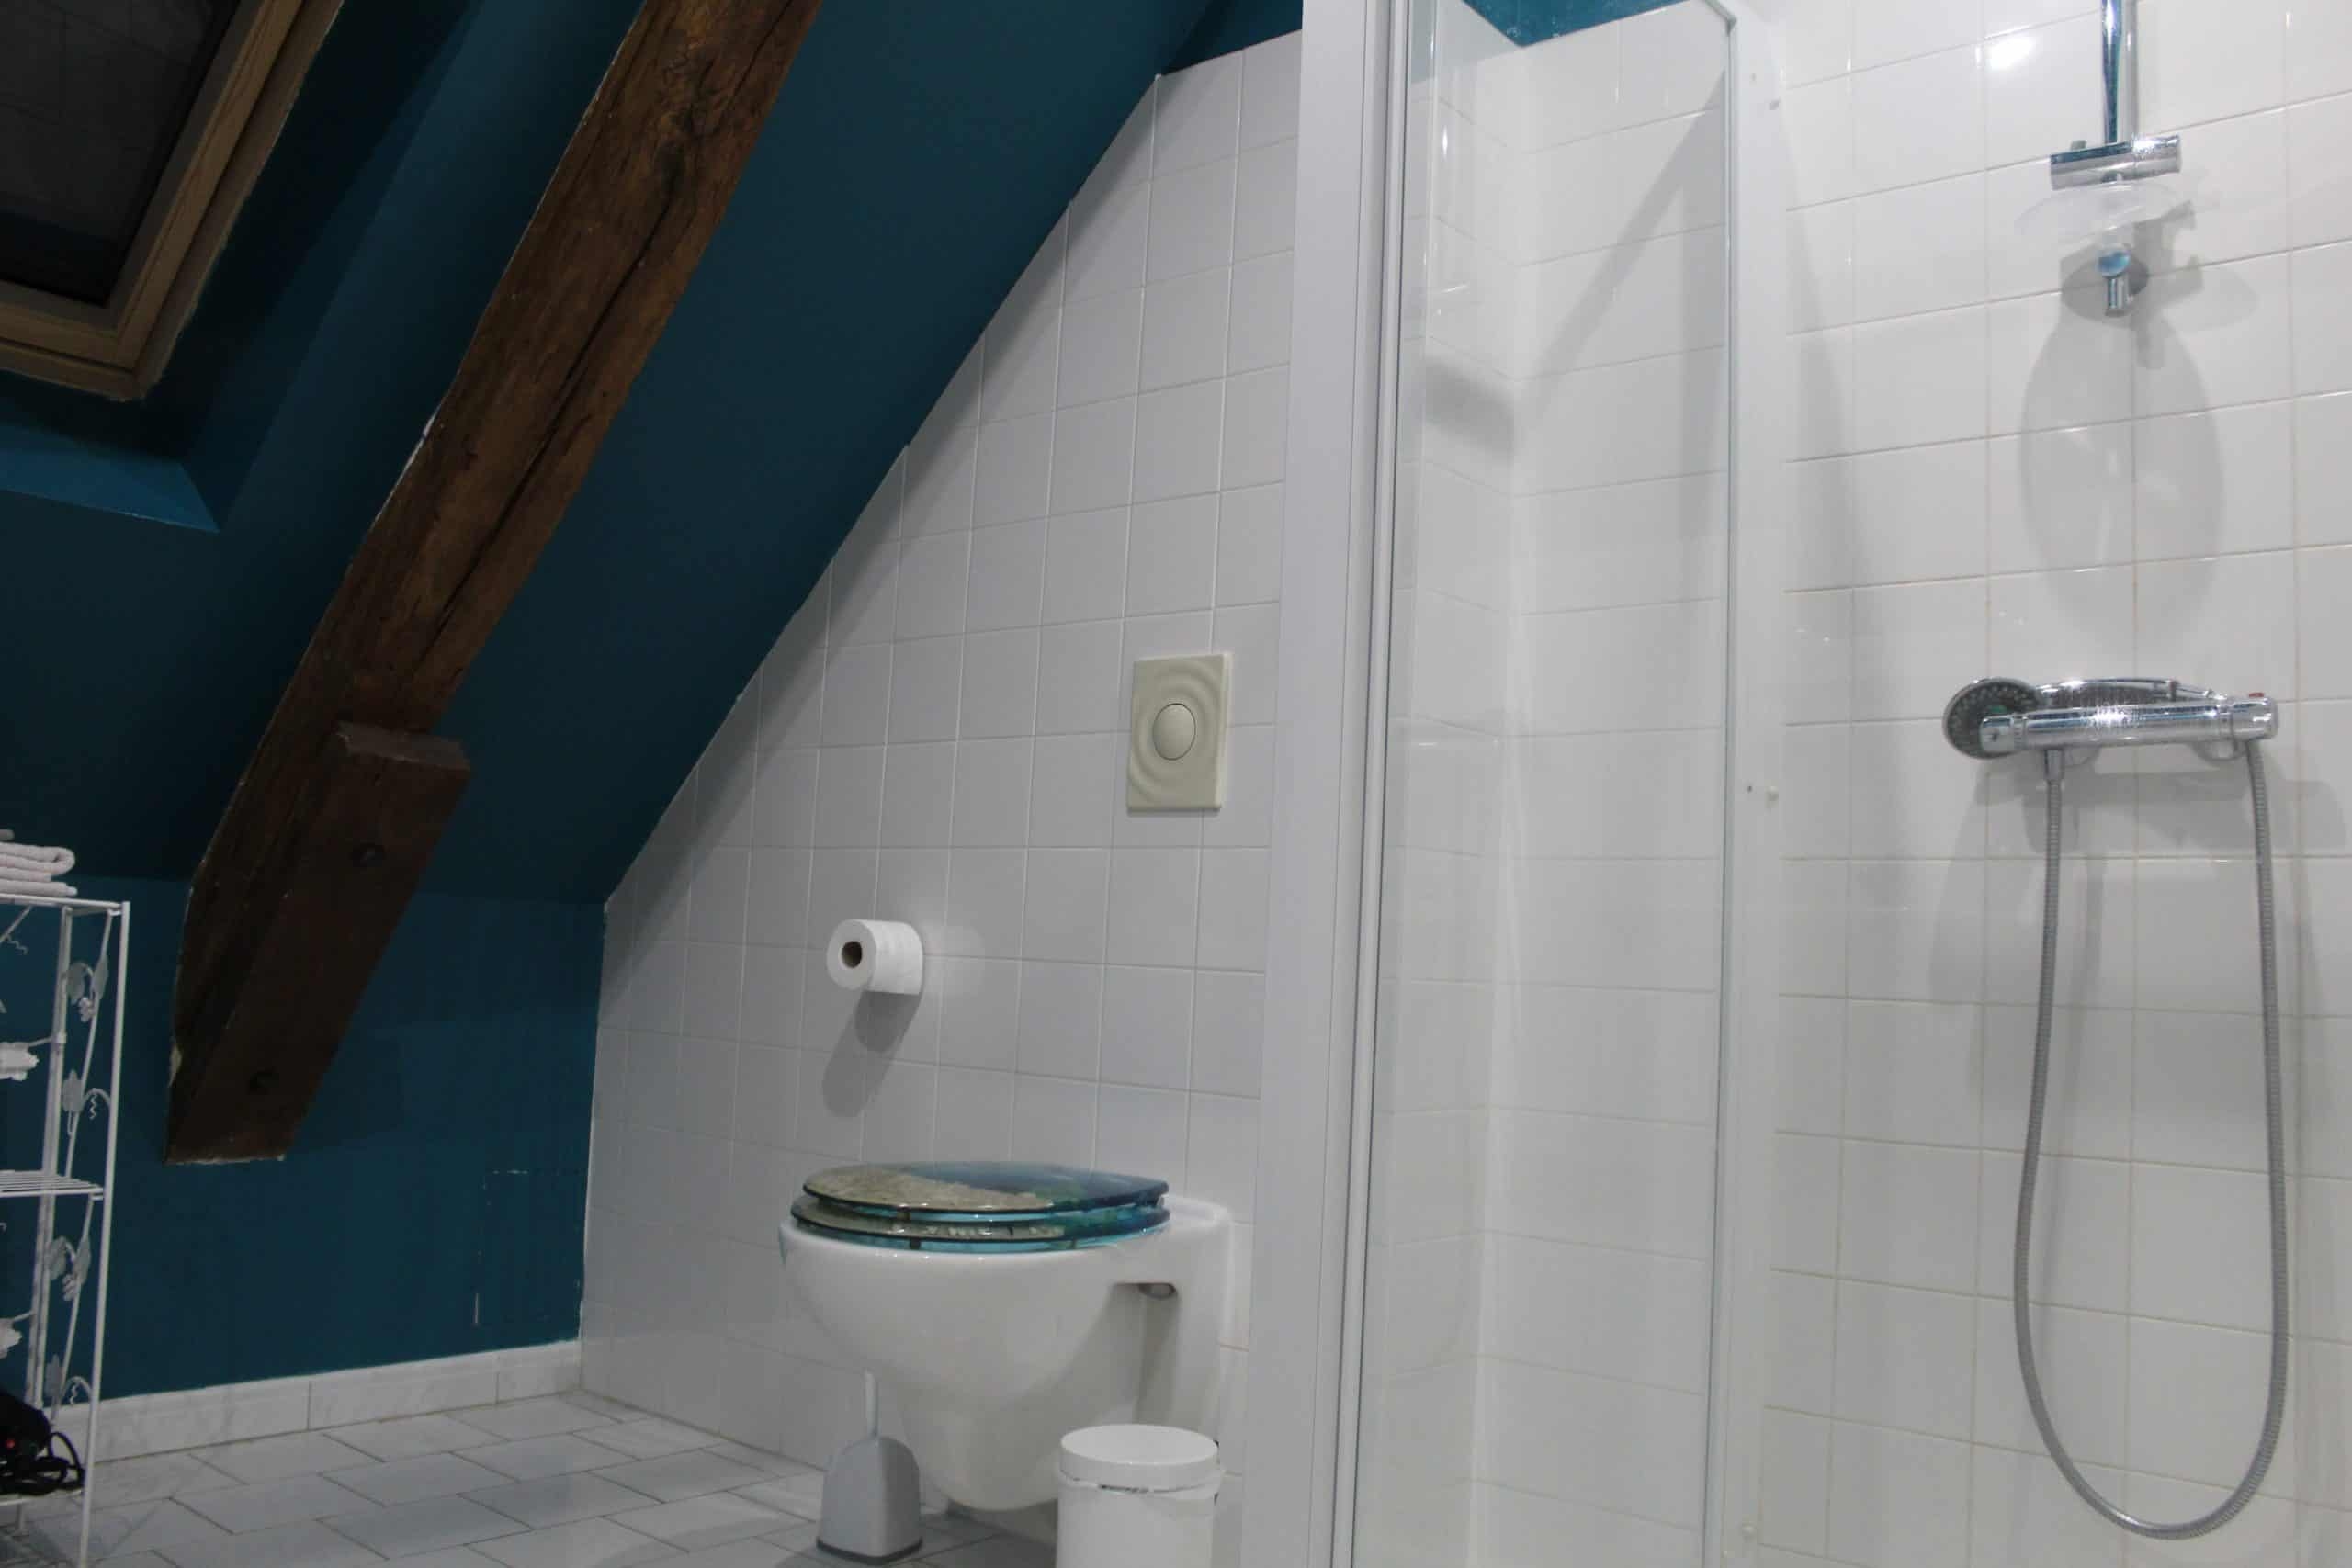 Salle de bain chambre Du Bellay, chambres d'hôtes La Ferme du Grand Launay, à Semblançay